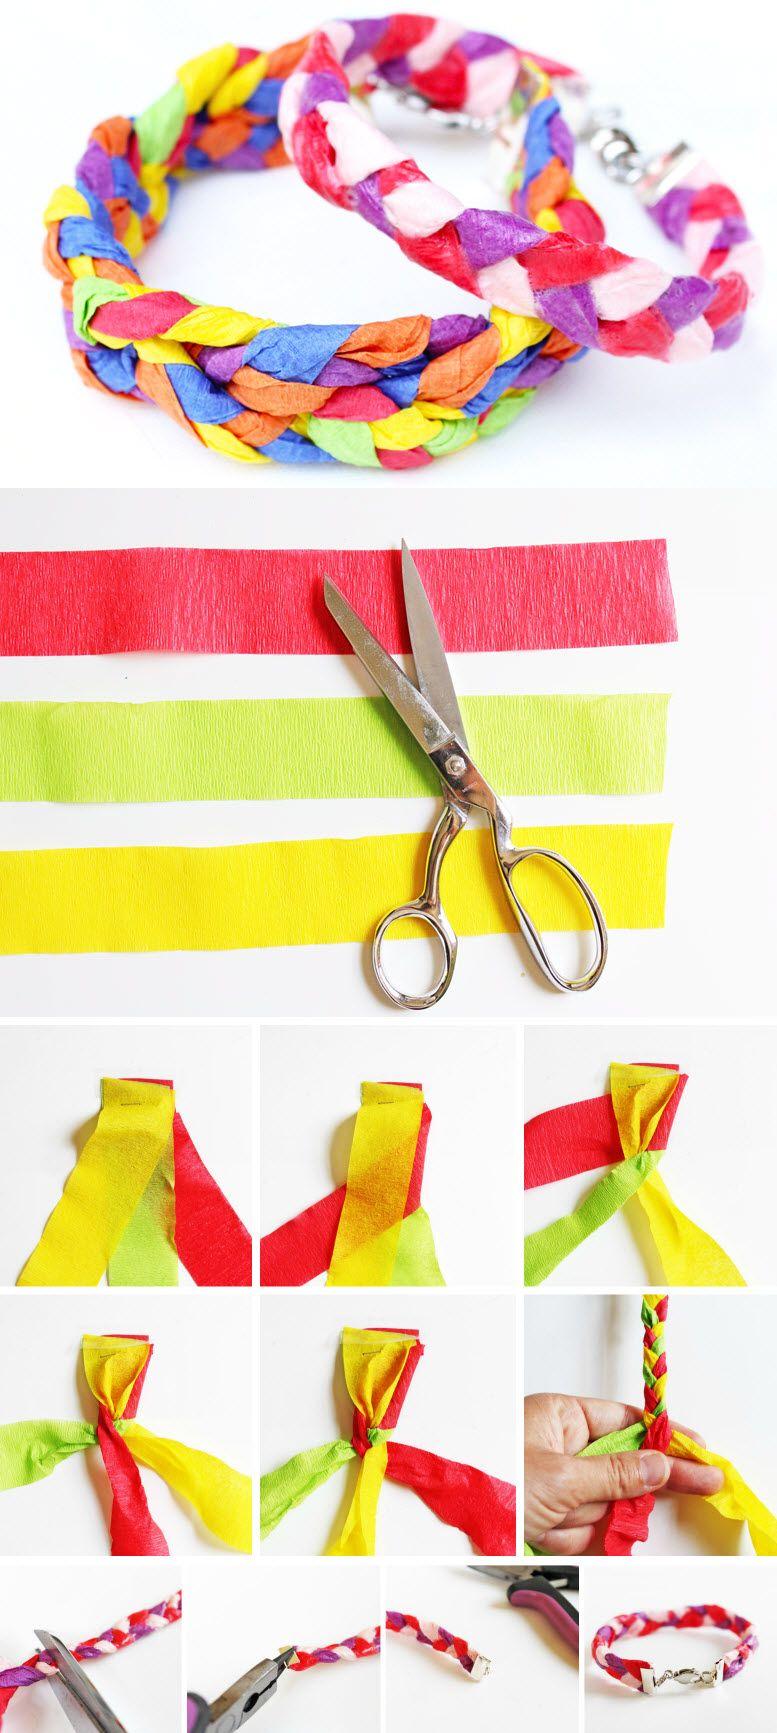 Comment utiliser le papier cr pon pour faire des bracelets - Comment faire des tresses ...